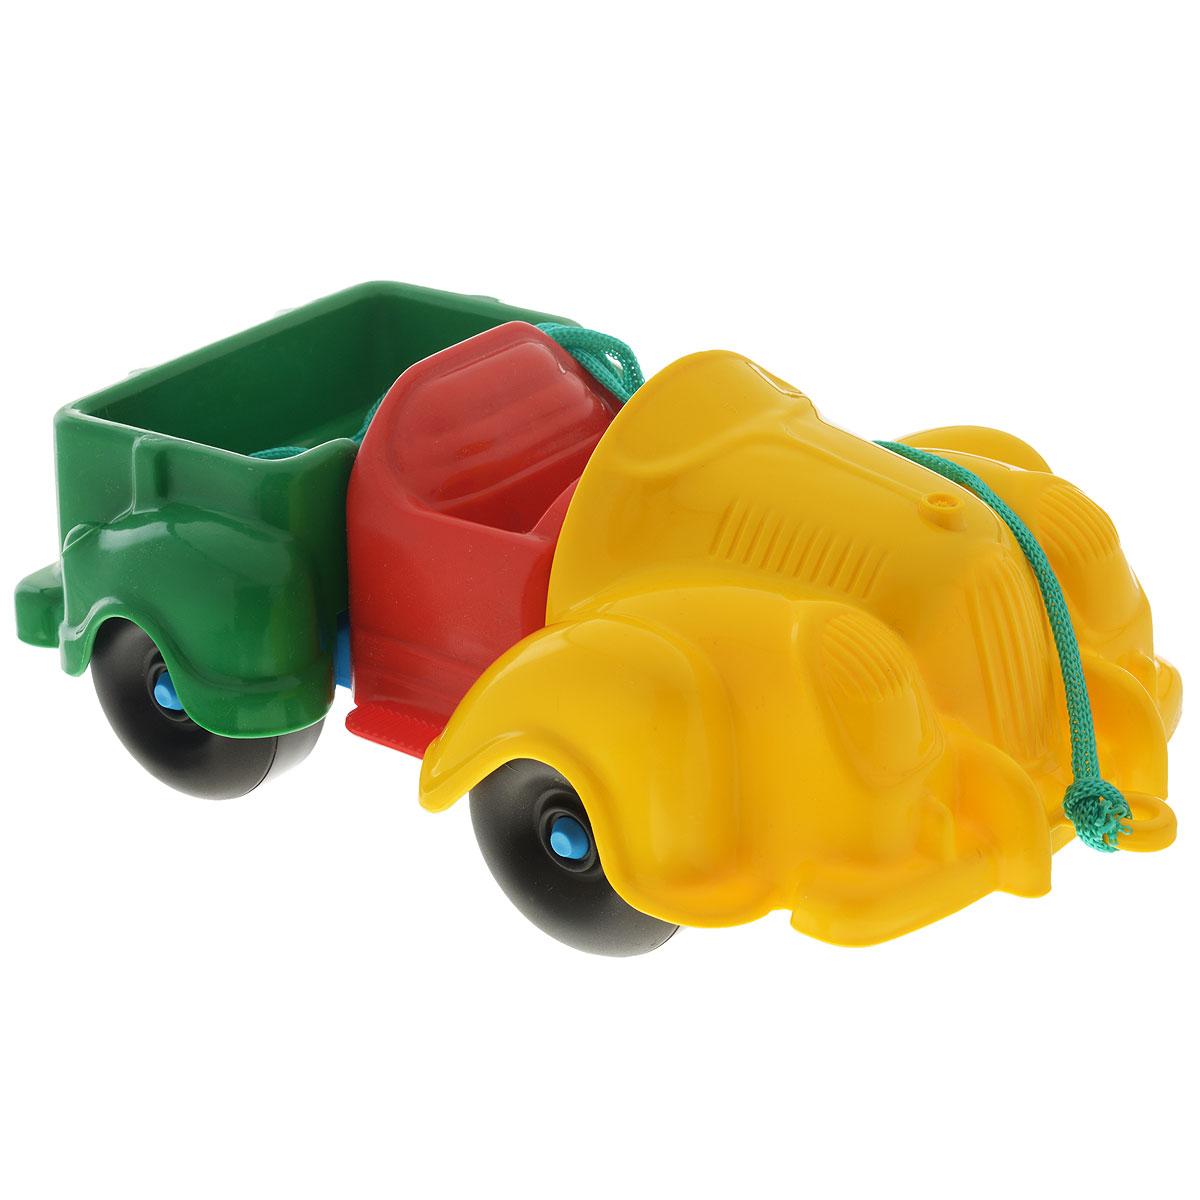 Каталка-конструктор Bauer Грузовик280Каталка-конструктор Bauer Грузовик обязательно привлечет внимание вашего малыша. Игрушка состоит из нескольких крупных деталей разного цвета, из которых можно собрать грузовик. Также в комплект входит верёвочка, которую можно привязать к каталке, чтобы ребёнок мог катить её за собой. Игрушка сделана из высококачественного пластика с использованием пищевых красителей. С такой игрушкой ваш ребенок весело проведет время, играя на детской площадке или в песочнице. А процесс сборки игрушки-конструктора поможет малышу развить мелкую моторику пальчиков, внимательность и усидчивость. Порадуйте своего малыша такой чудесной игрушкой!